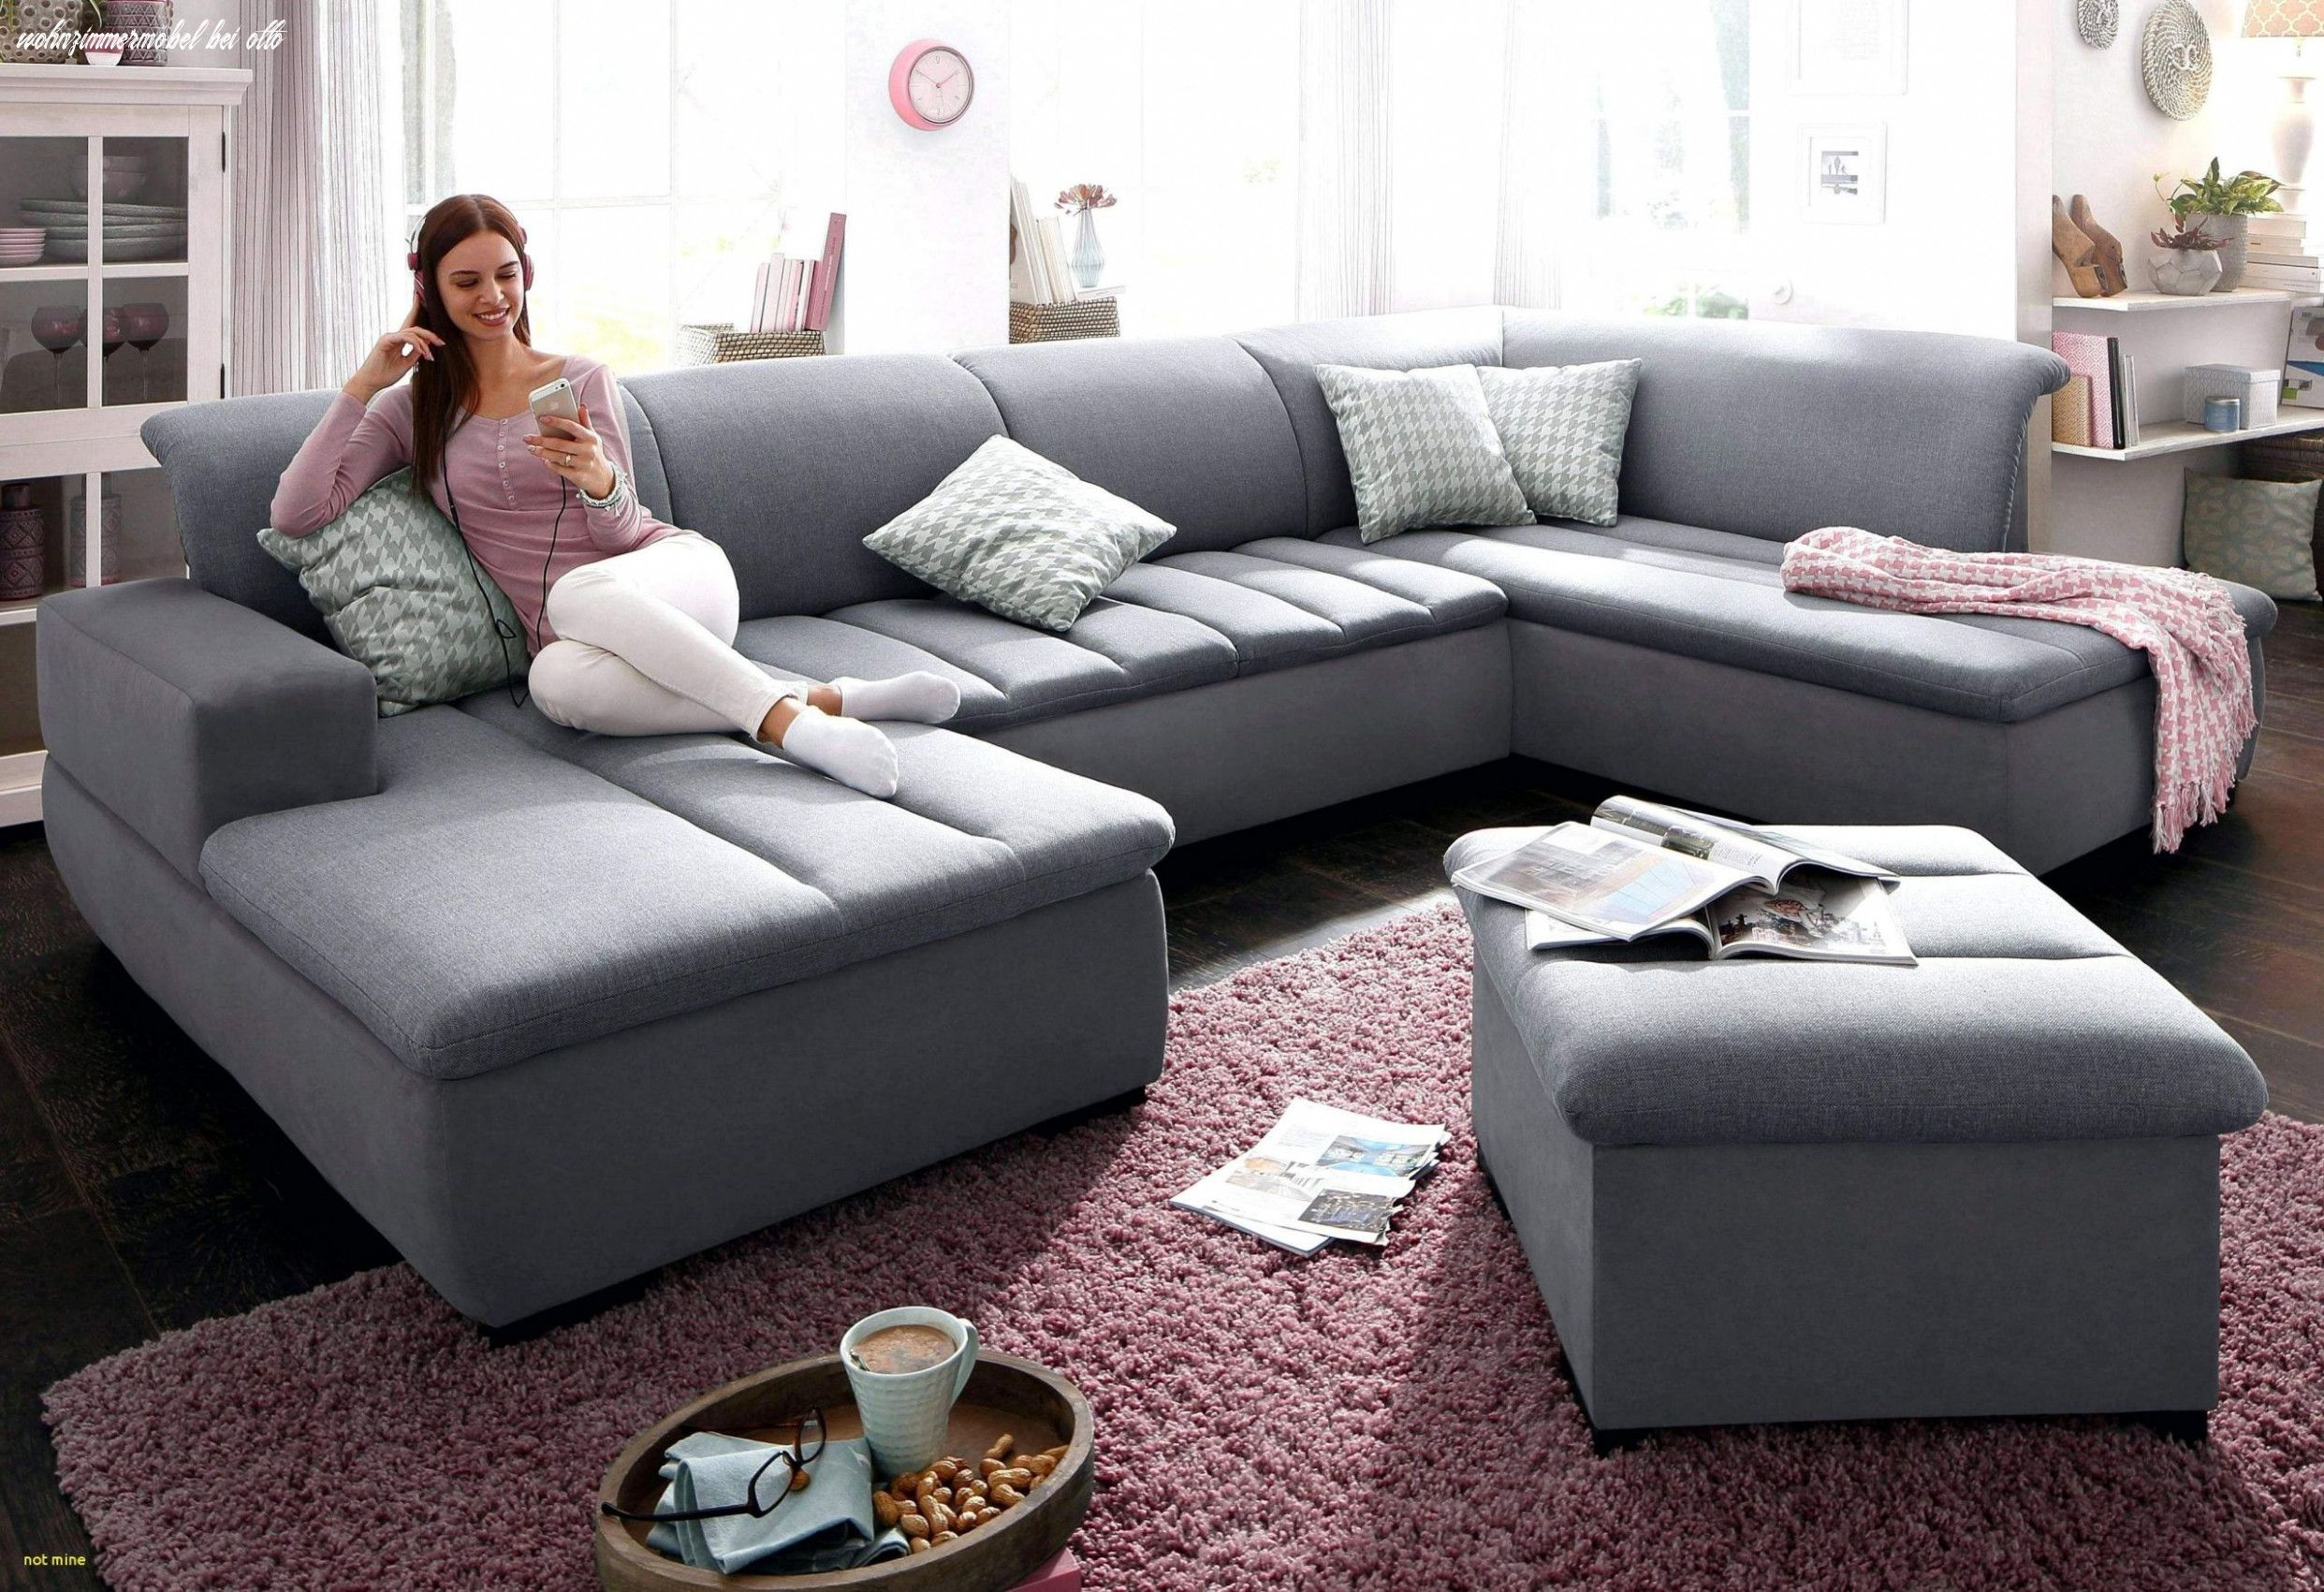 Zehn Fakten über Wohnzimmermöbel Bei Otto, Die Sie Umhauen Werden